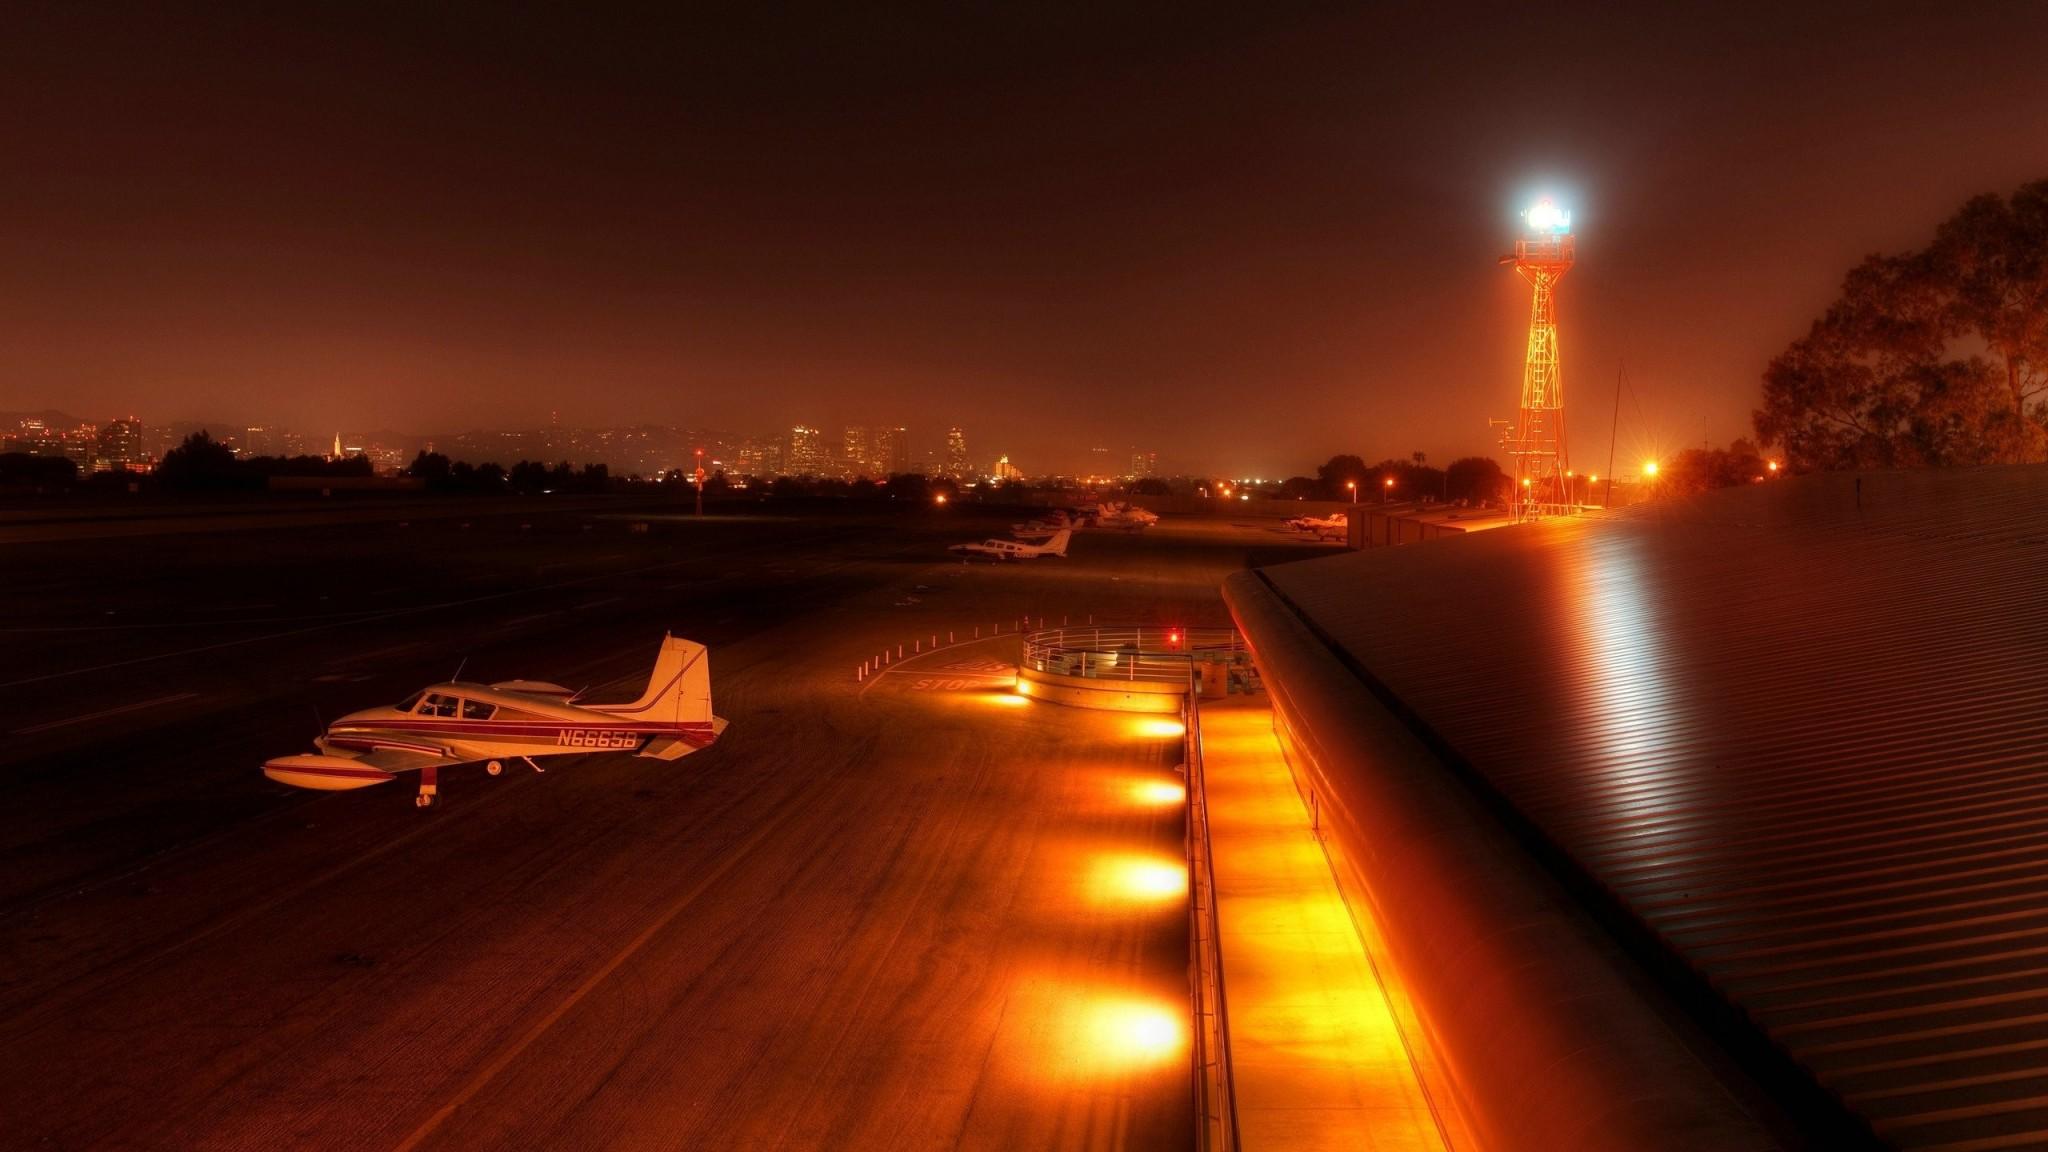 Aeroporto di Santa Monica  Los Angeles  California   Sfondi HD Wallpaper